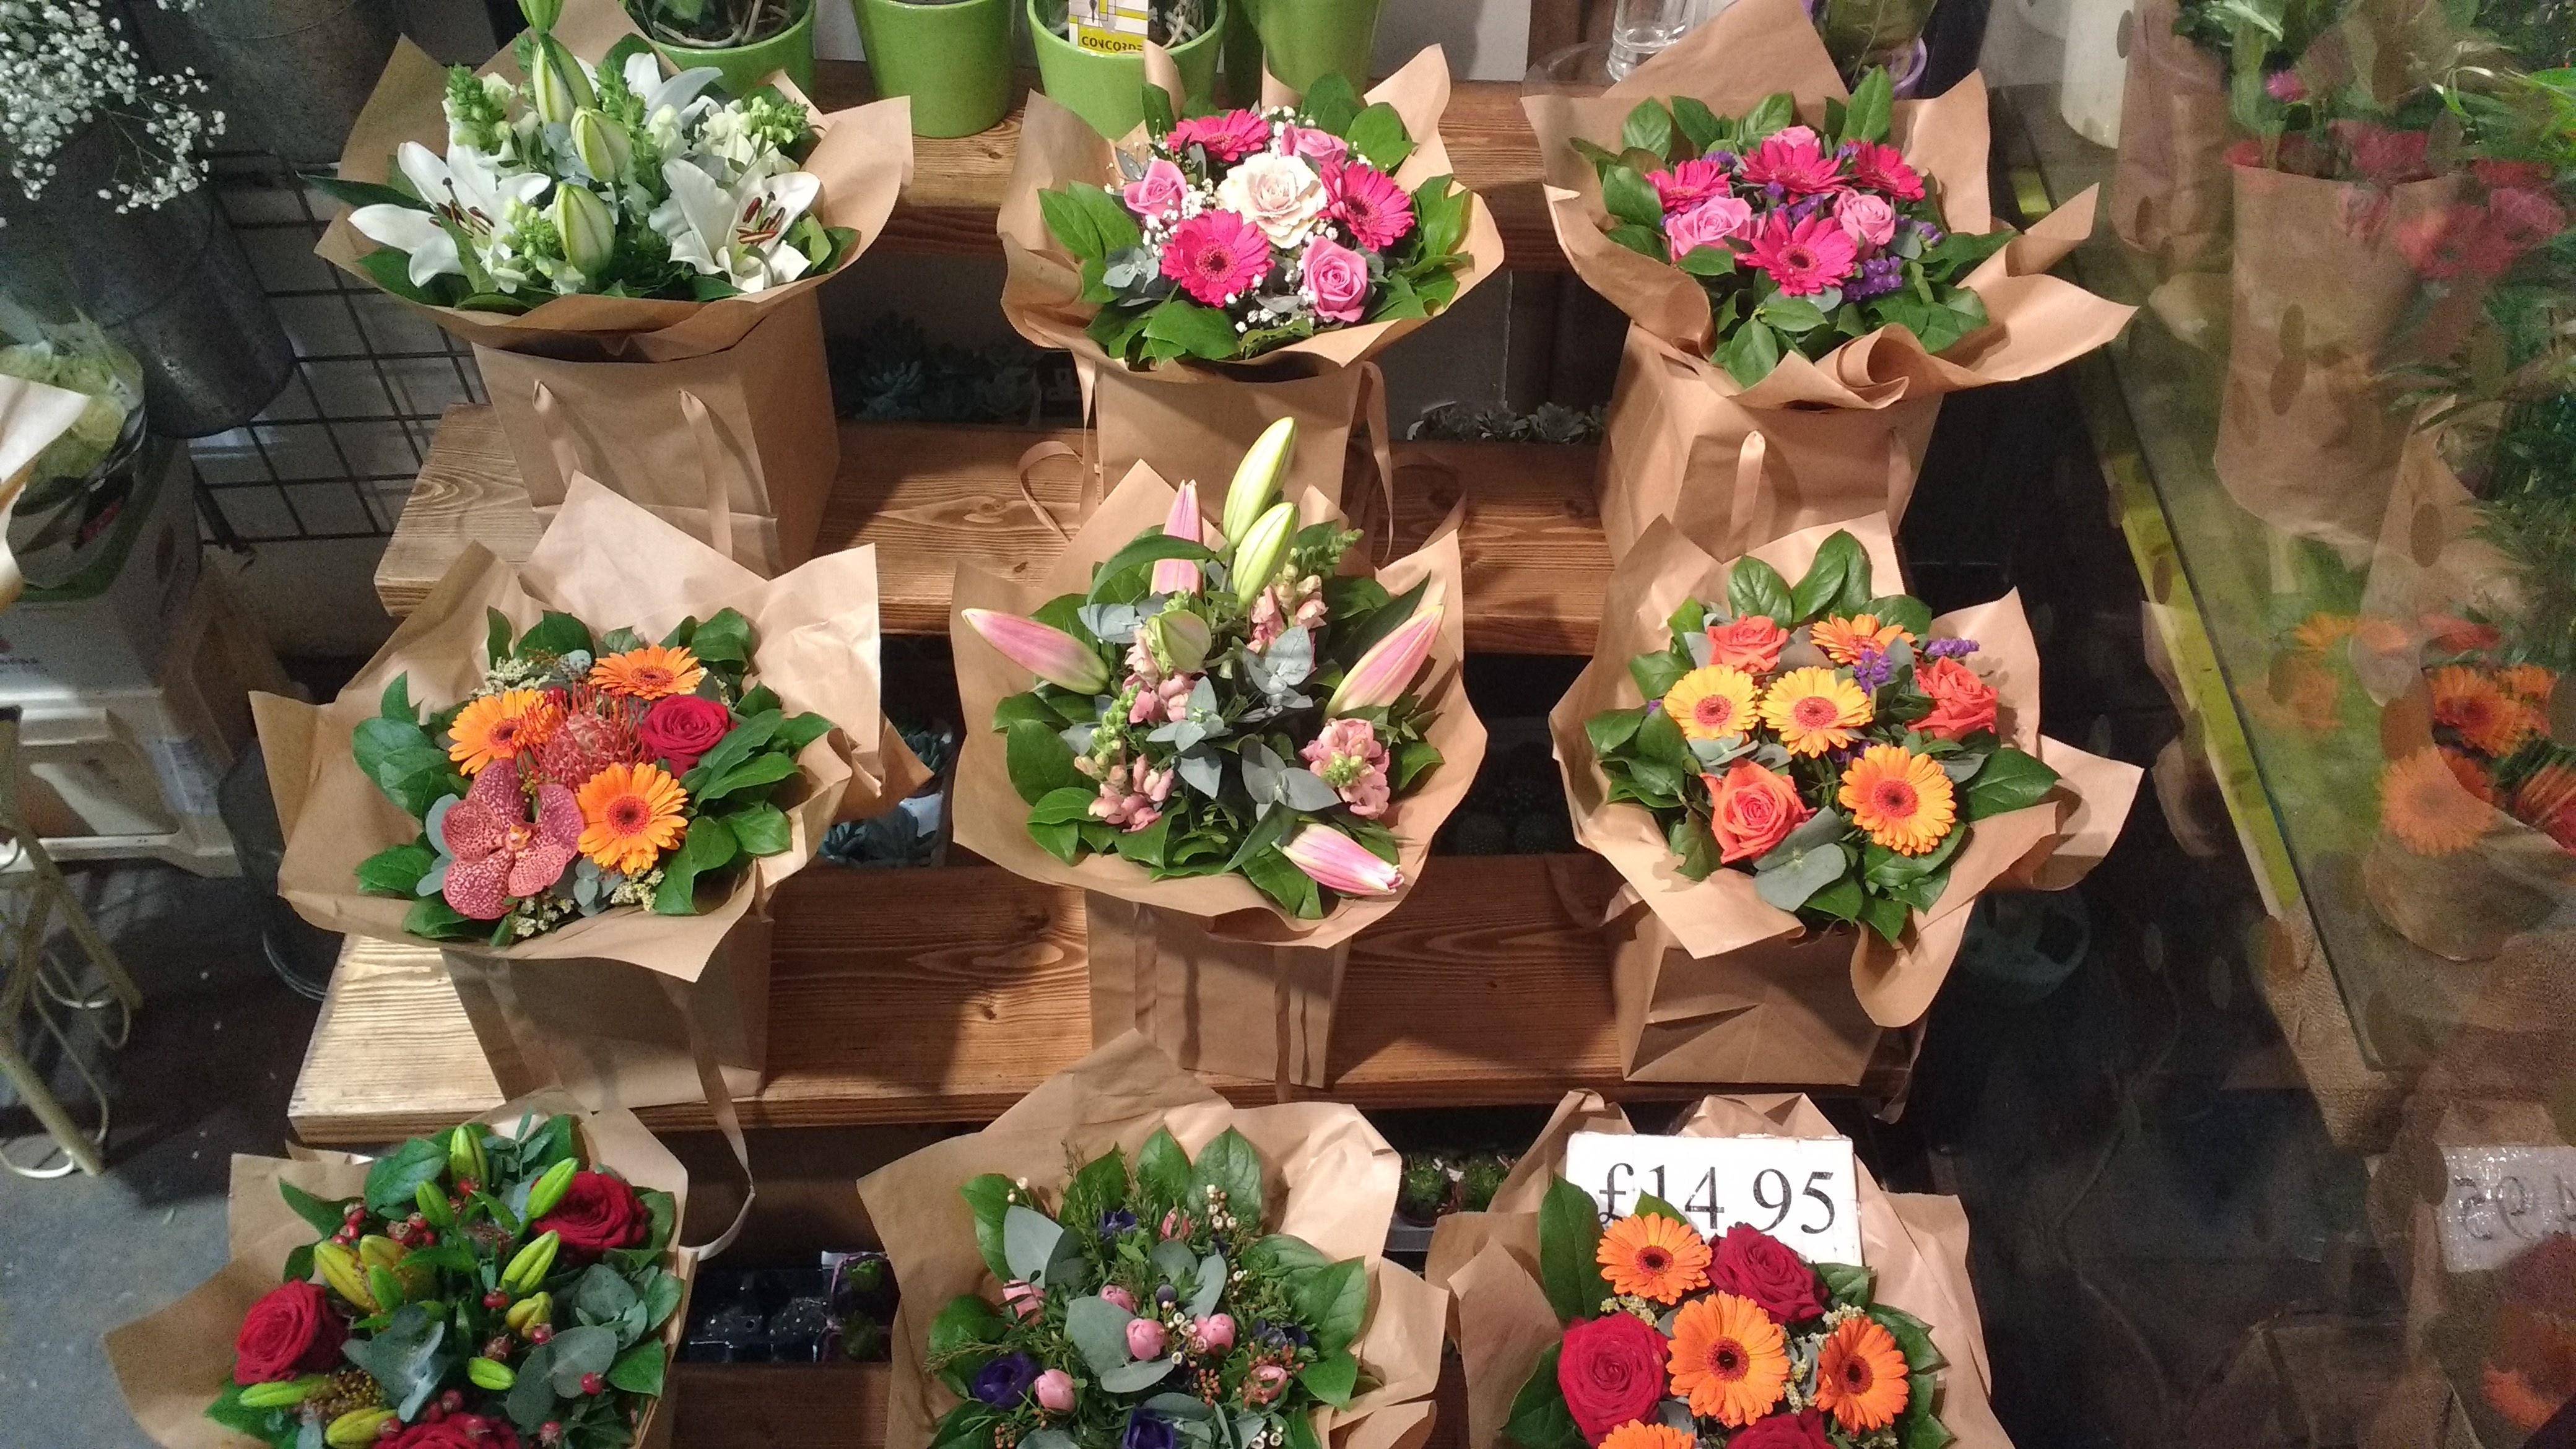 Kinh nghiệm mở cửa hàng hoa tươi đắt khách không phải ai cũng biết